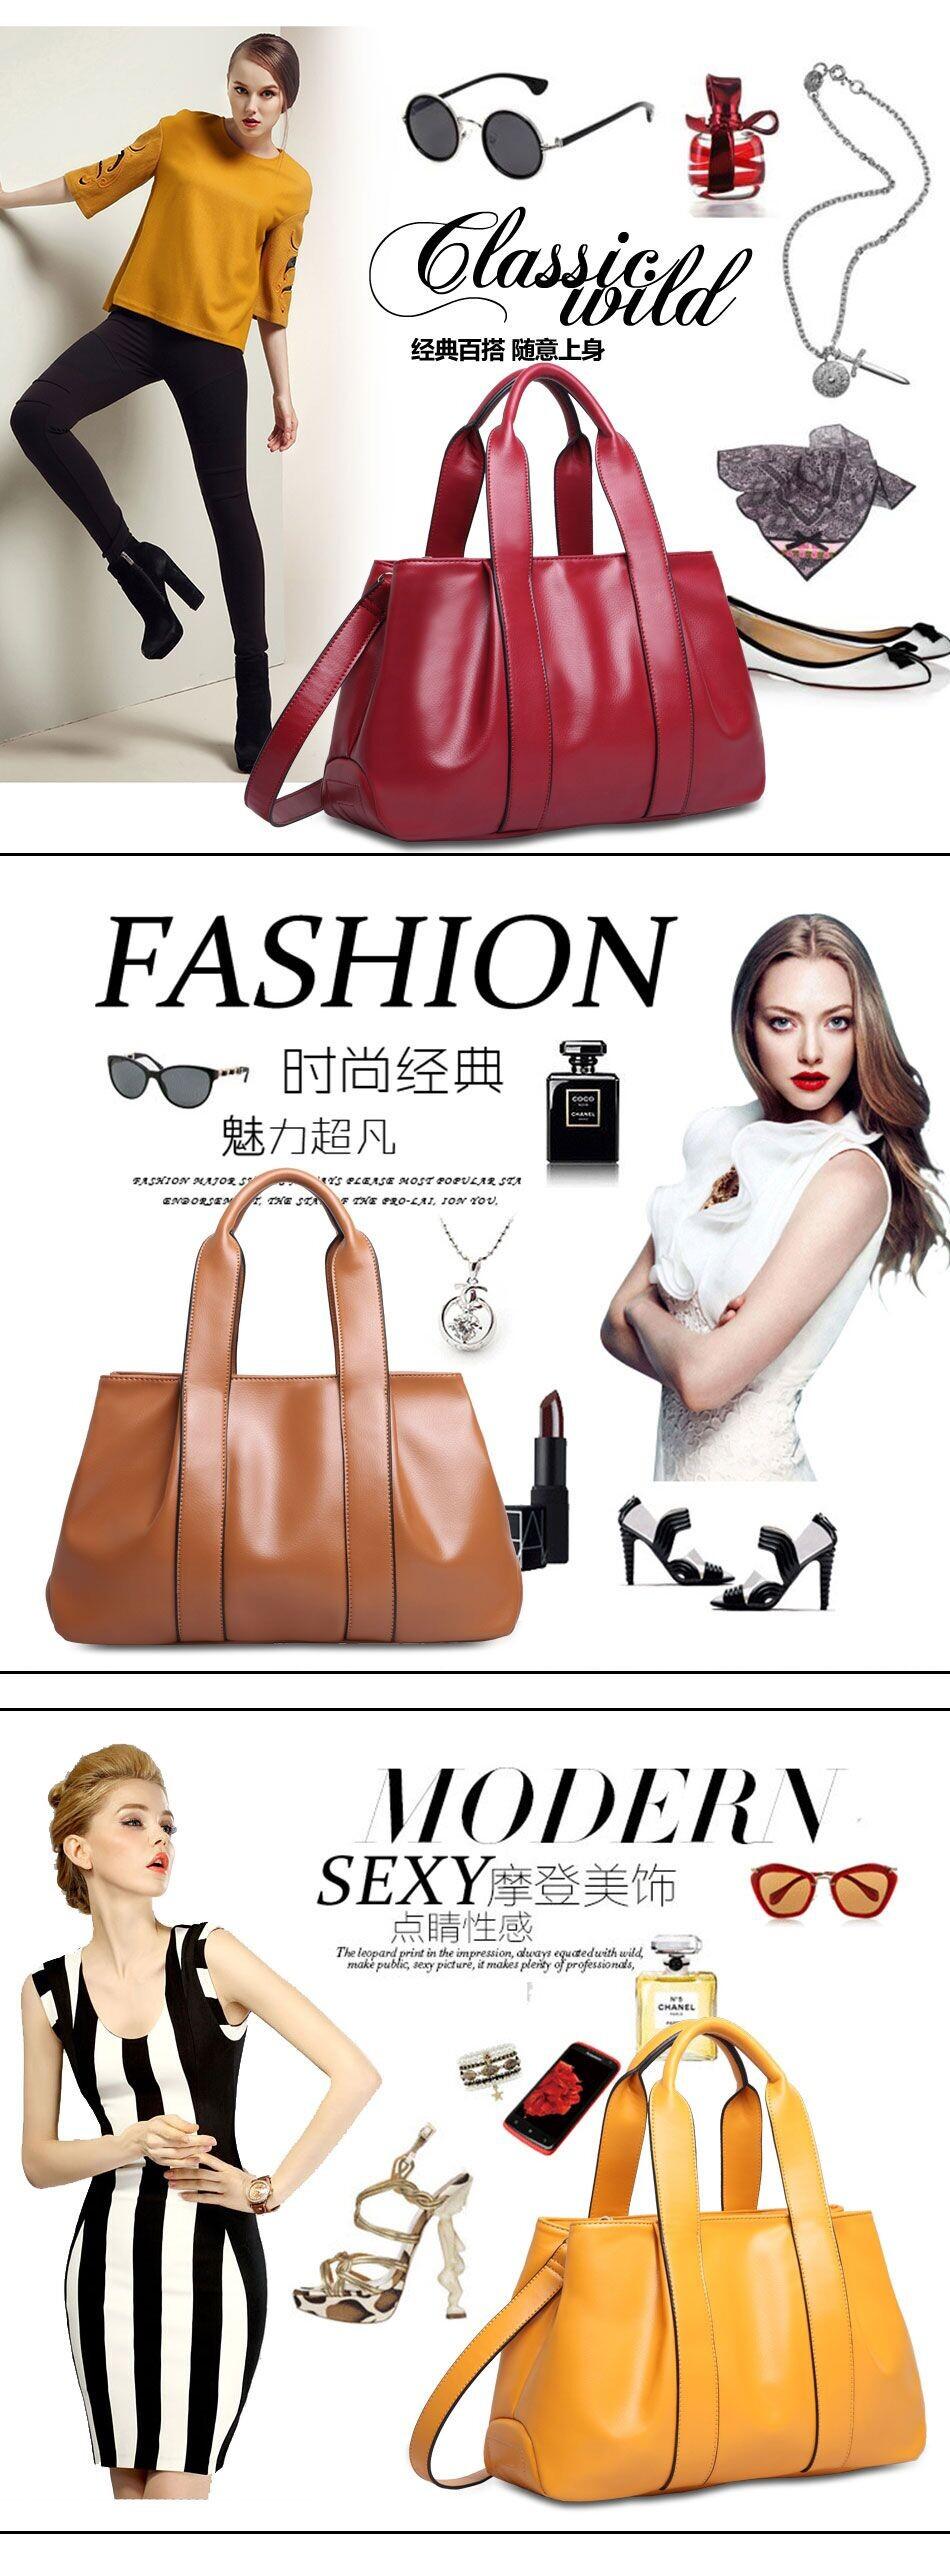 Сумка Handbags 2015 PV0043